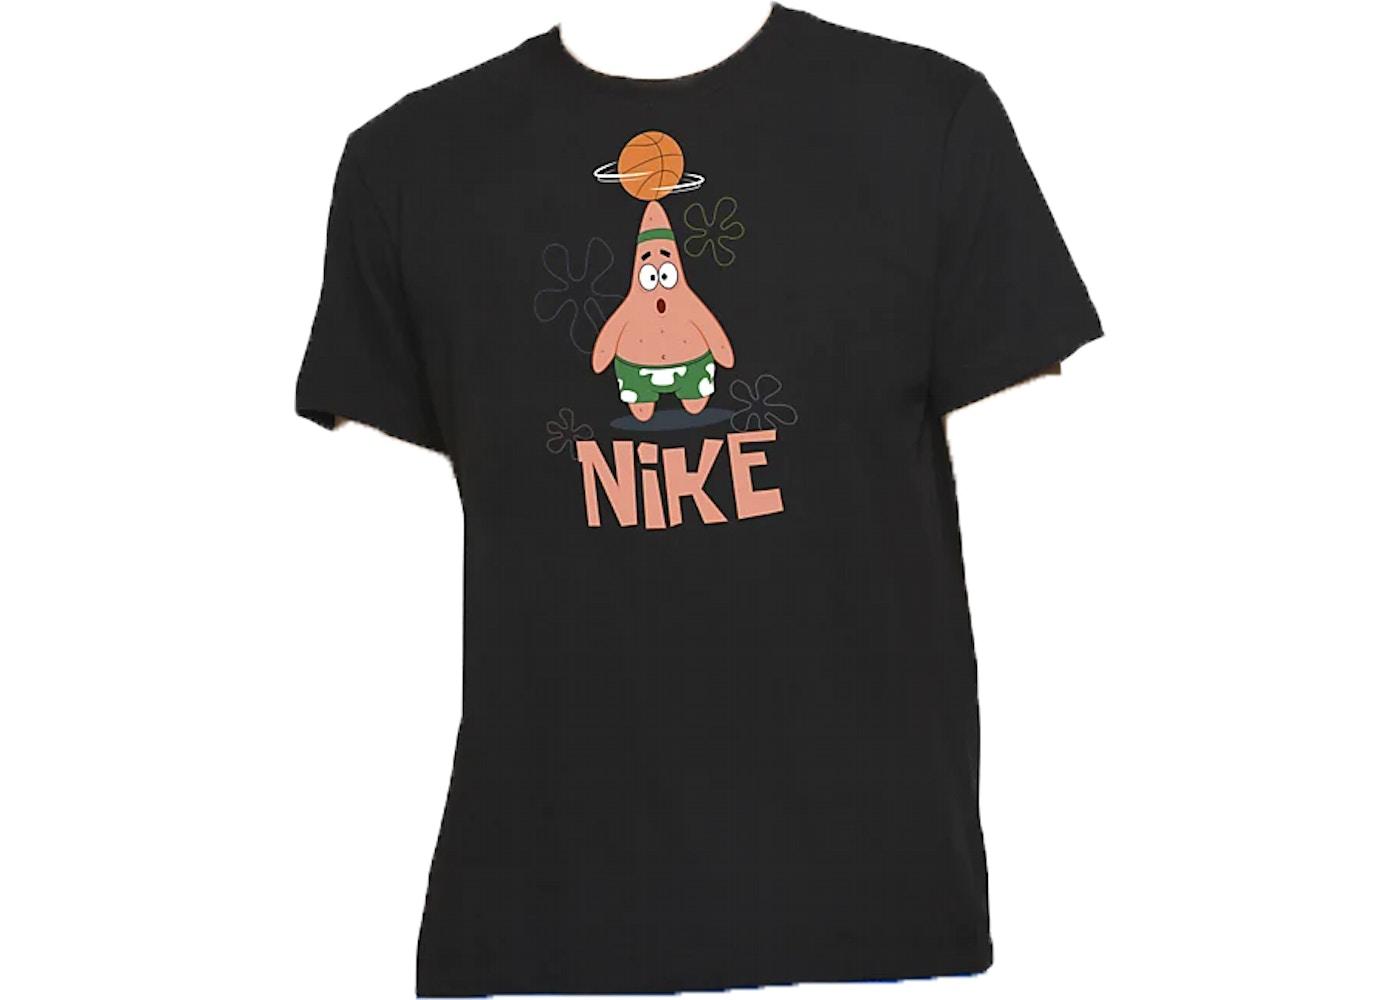 Nike Kyrie x Spongebob Dri Fit Patrick Star Tee (Kids Sizing) Black